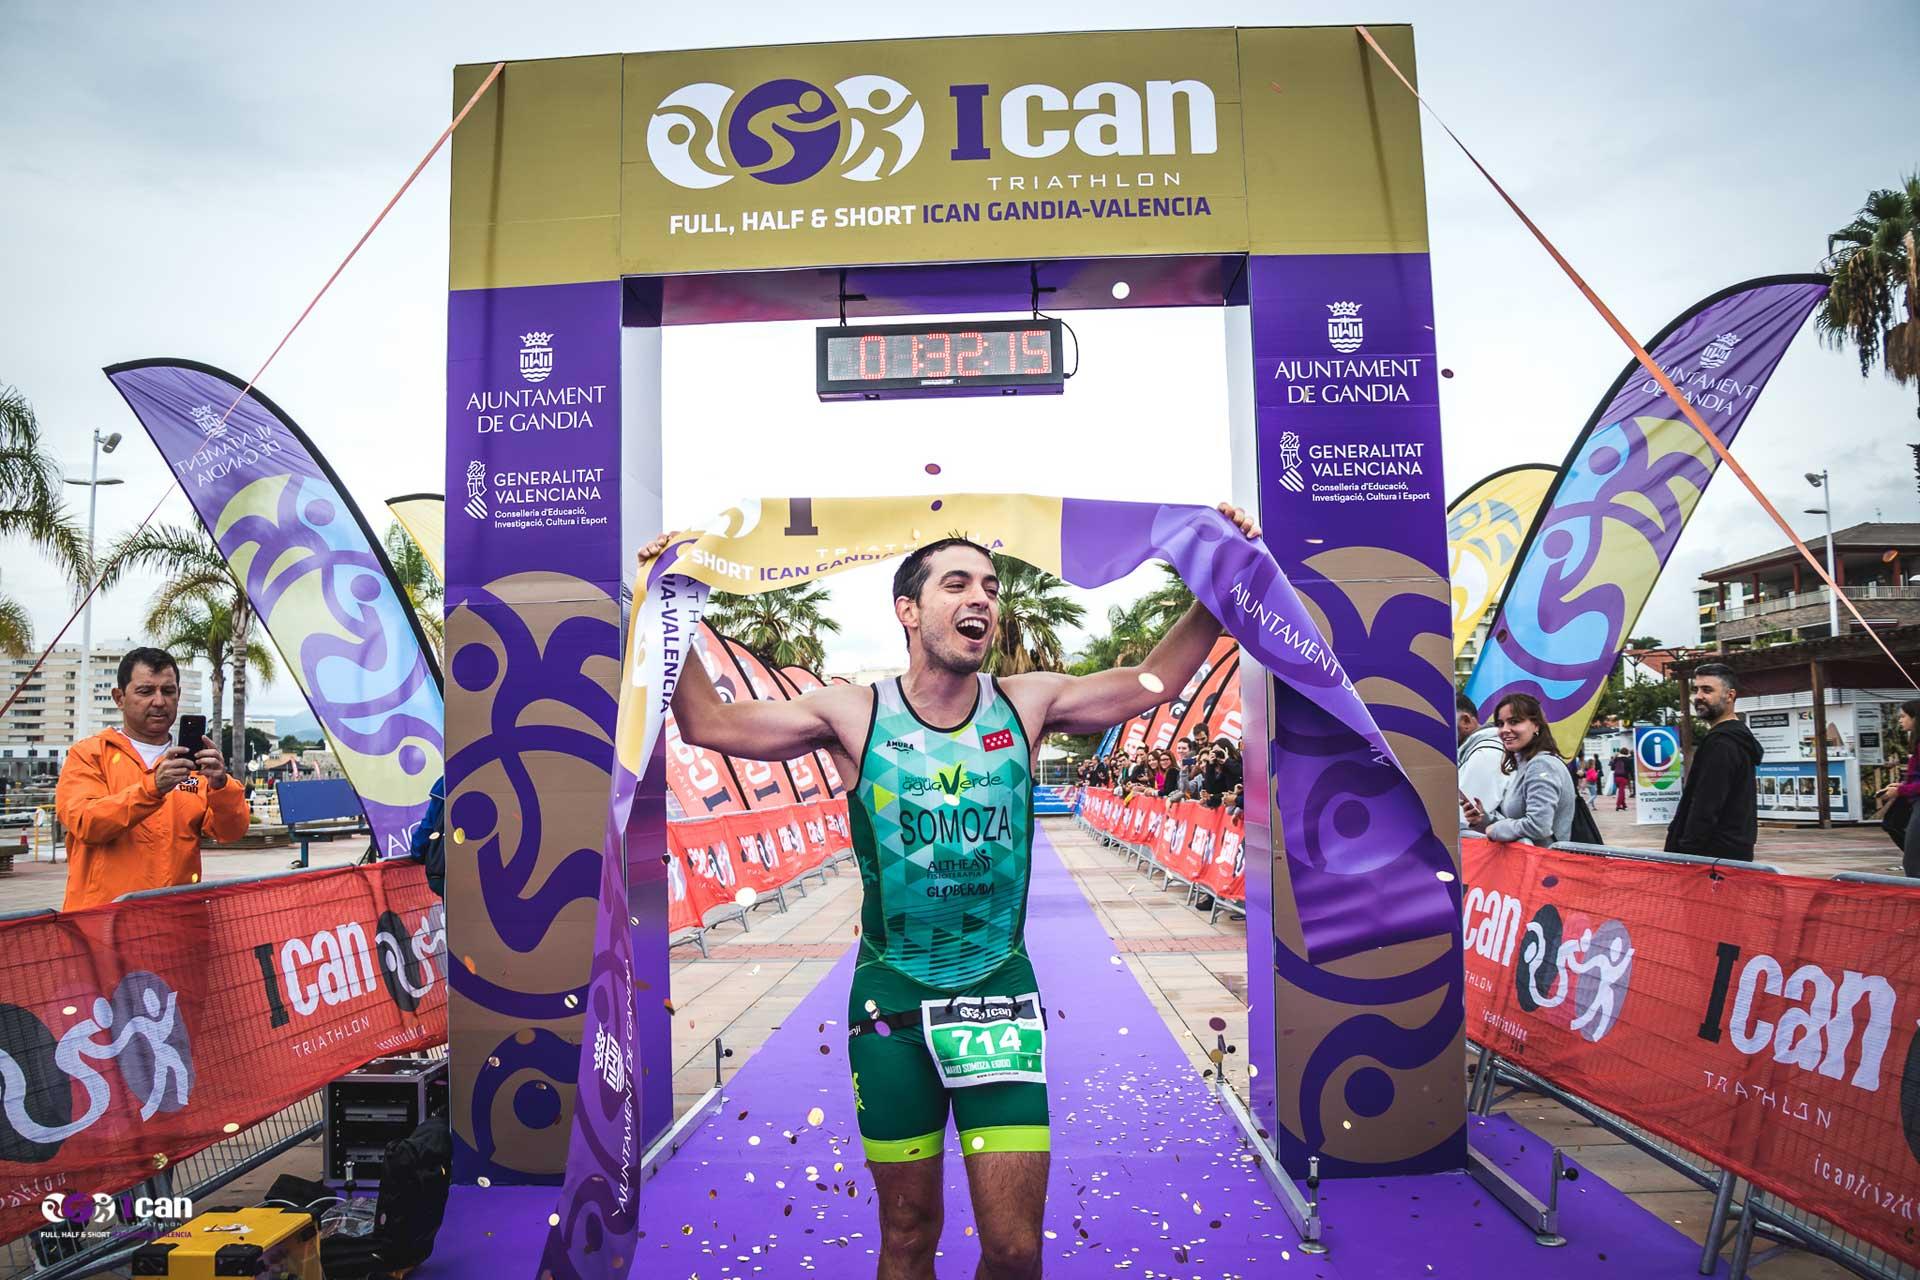 foto ican triatlon de actividades Gandia octubre 2019